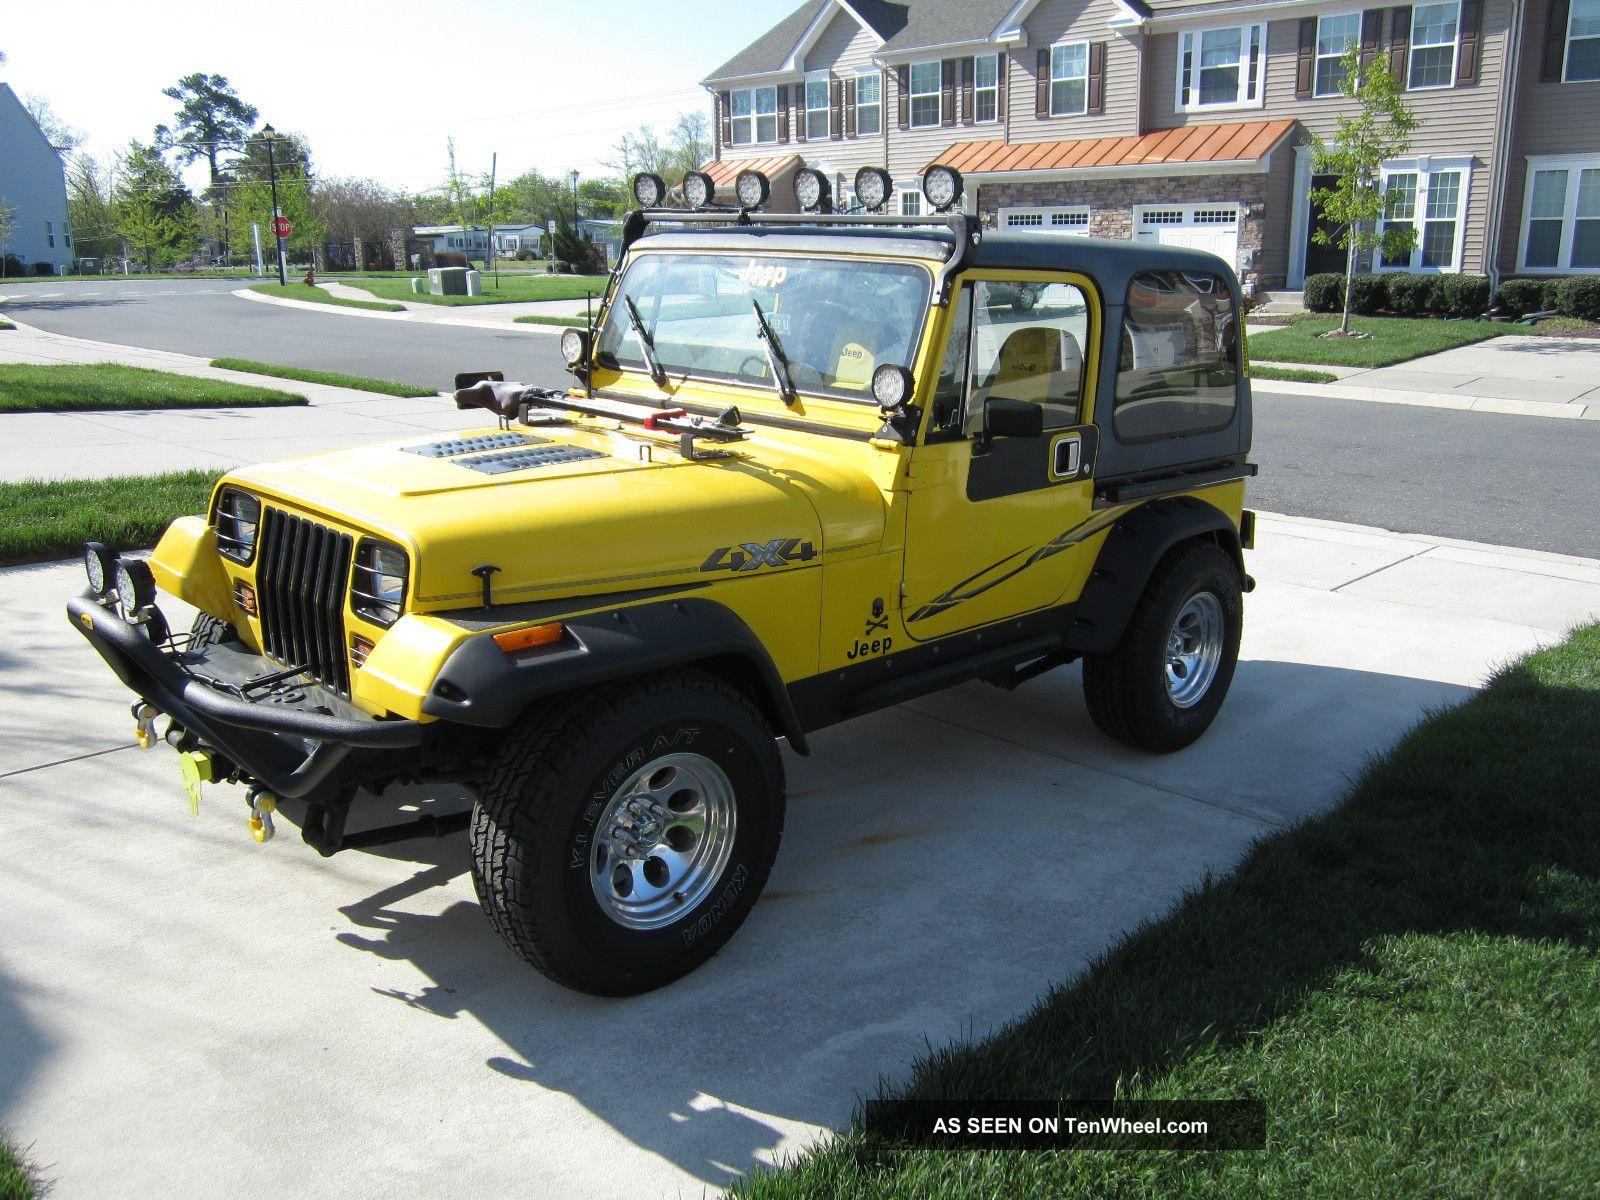 1989 Jeep Wrangler Yj 2 5l 4cyl 5 Speed